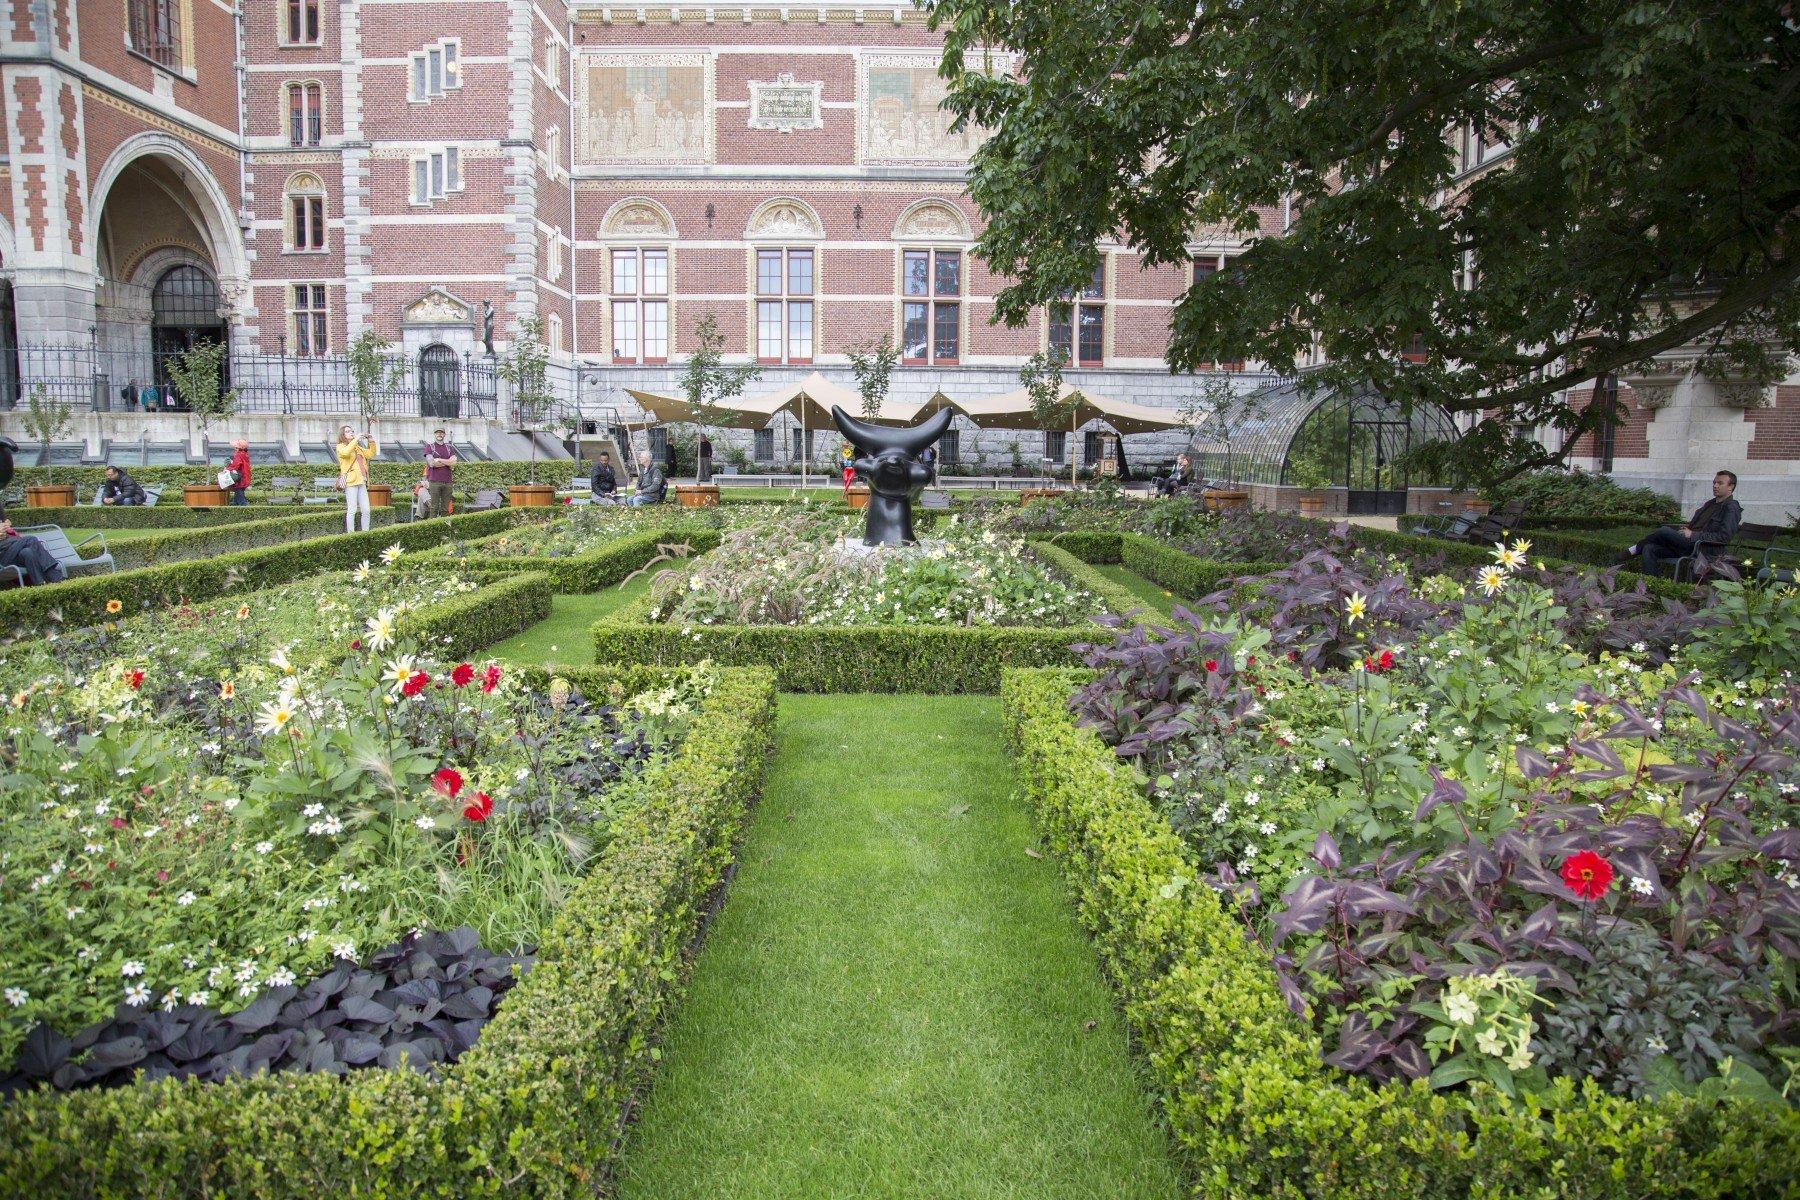 Kunstobjecten Voor Tuin : Aanleg tuin van het rijksmuseum in amsterdam